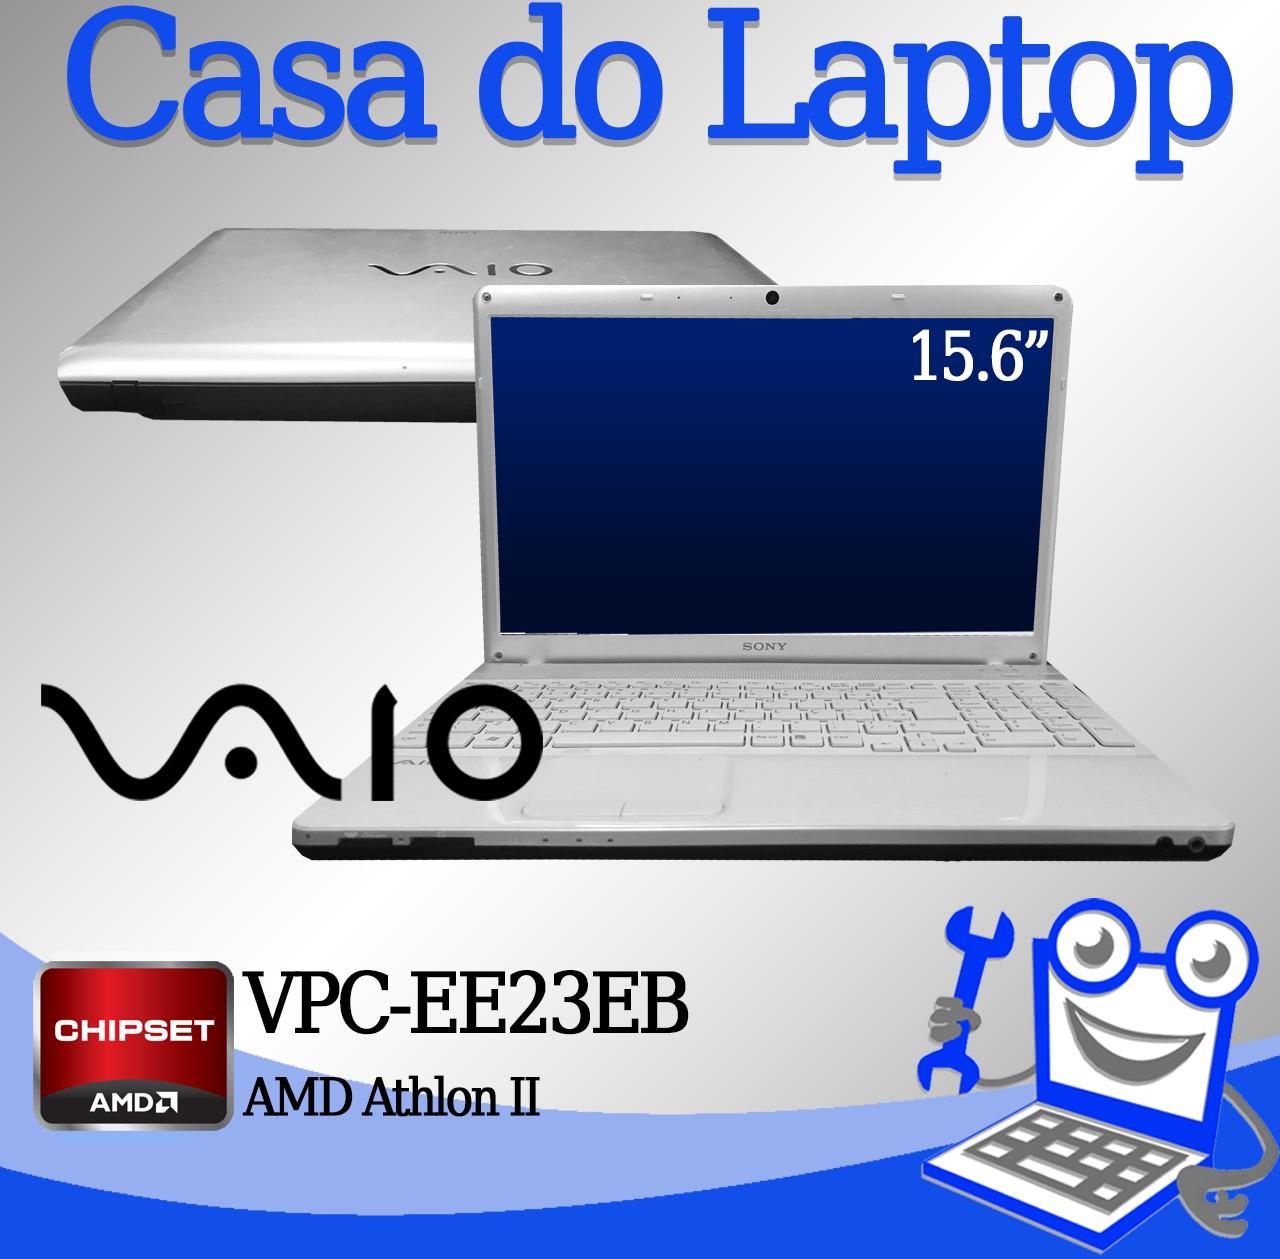 Laptop Vaio VPC-EE23EB AMD Athlon II 4GB de memória RAM e 320GB disco